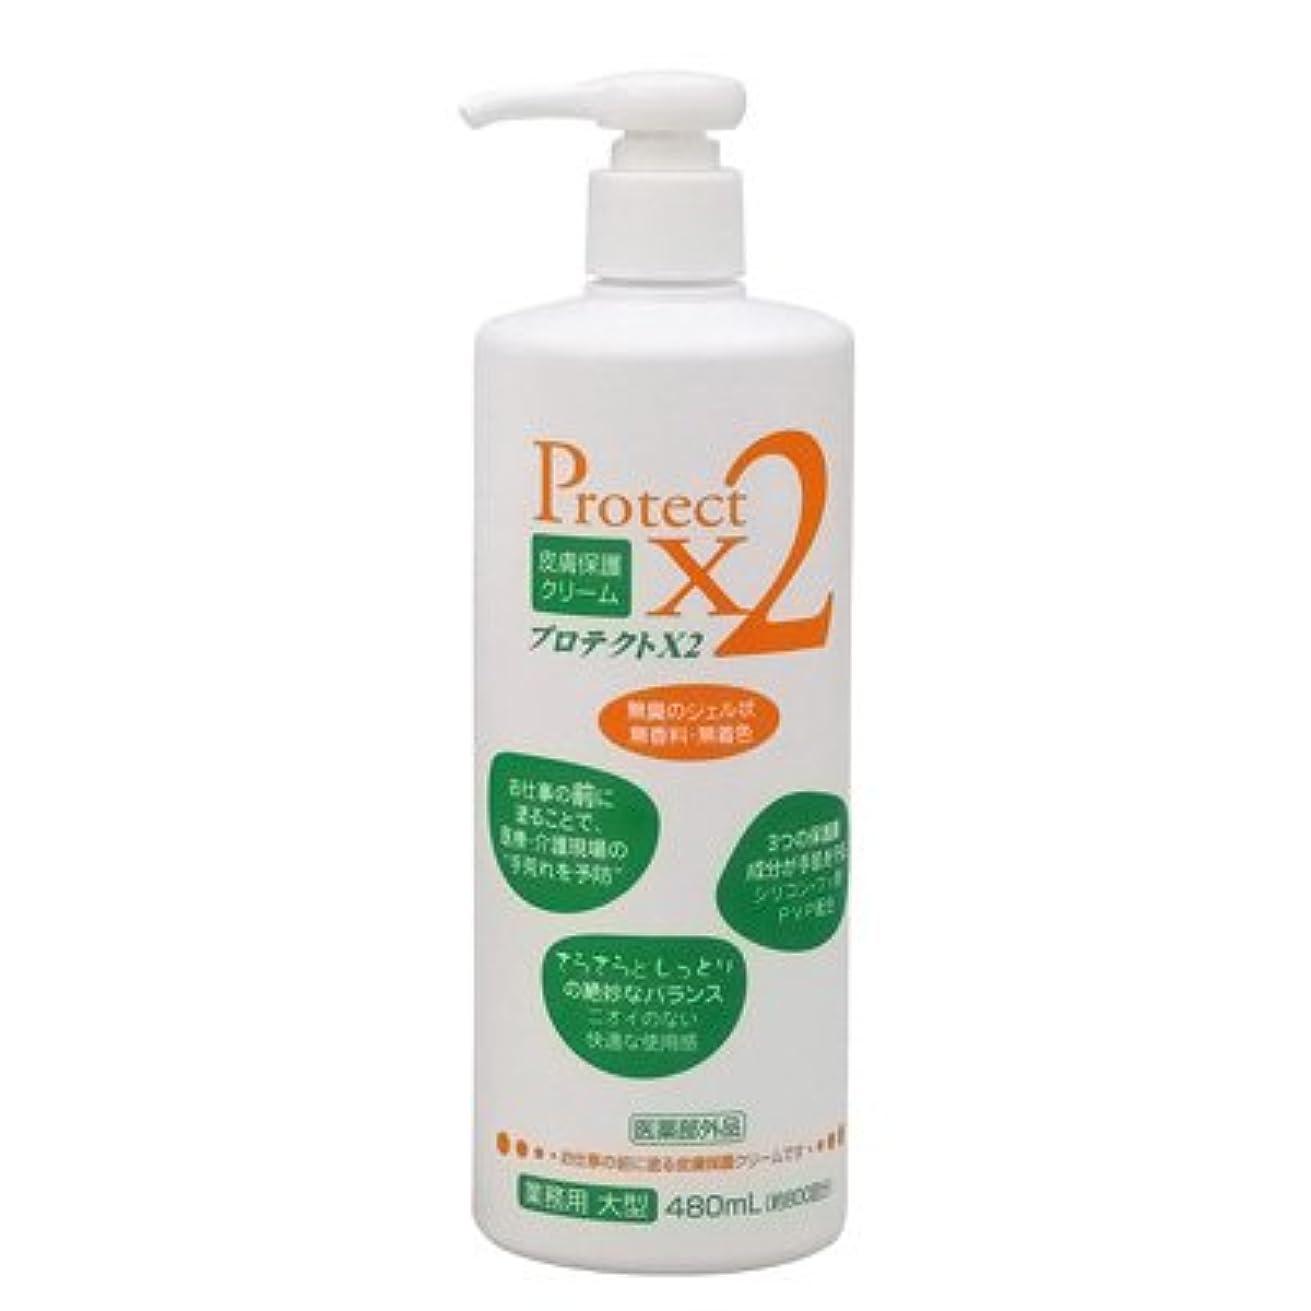 正確トロピカル不道徳皮膚保護クリーム プロテクトX2 480ml(大型)